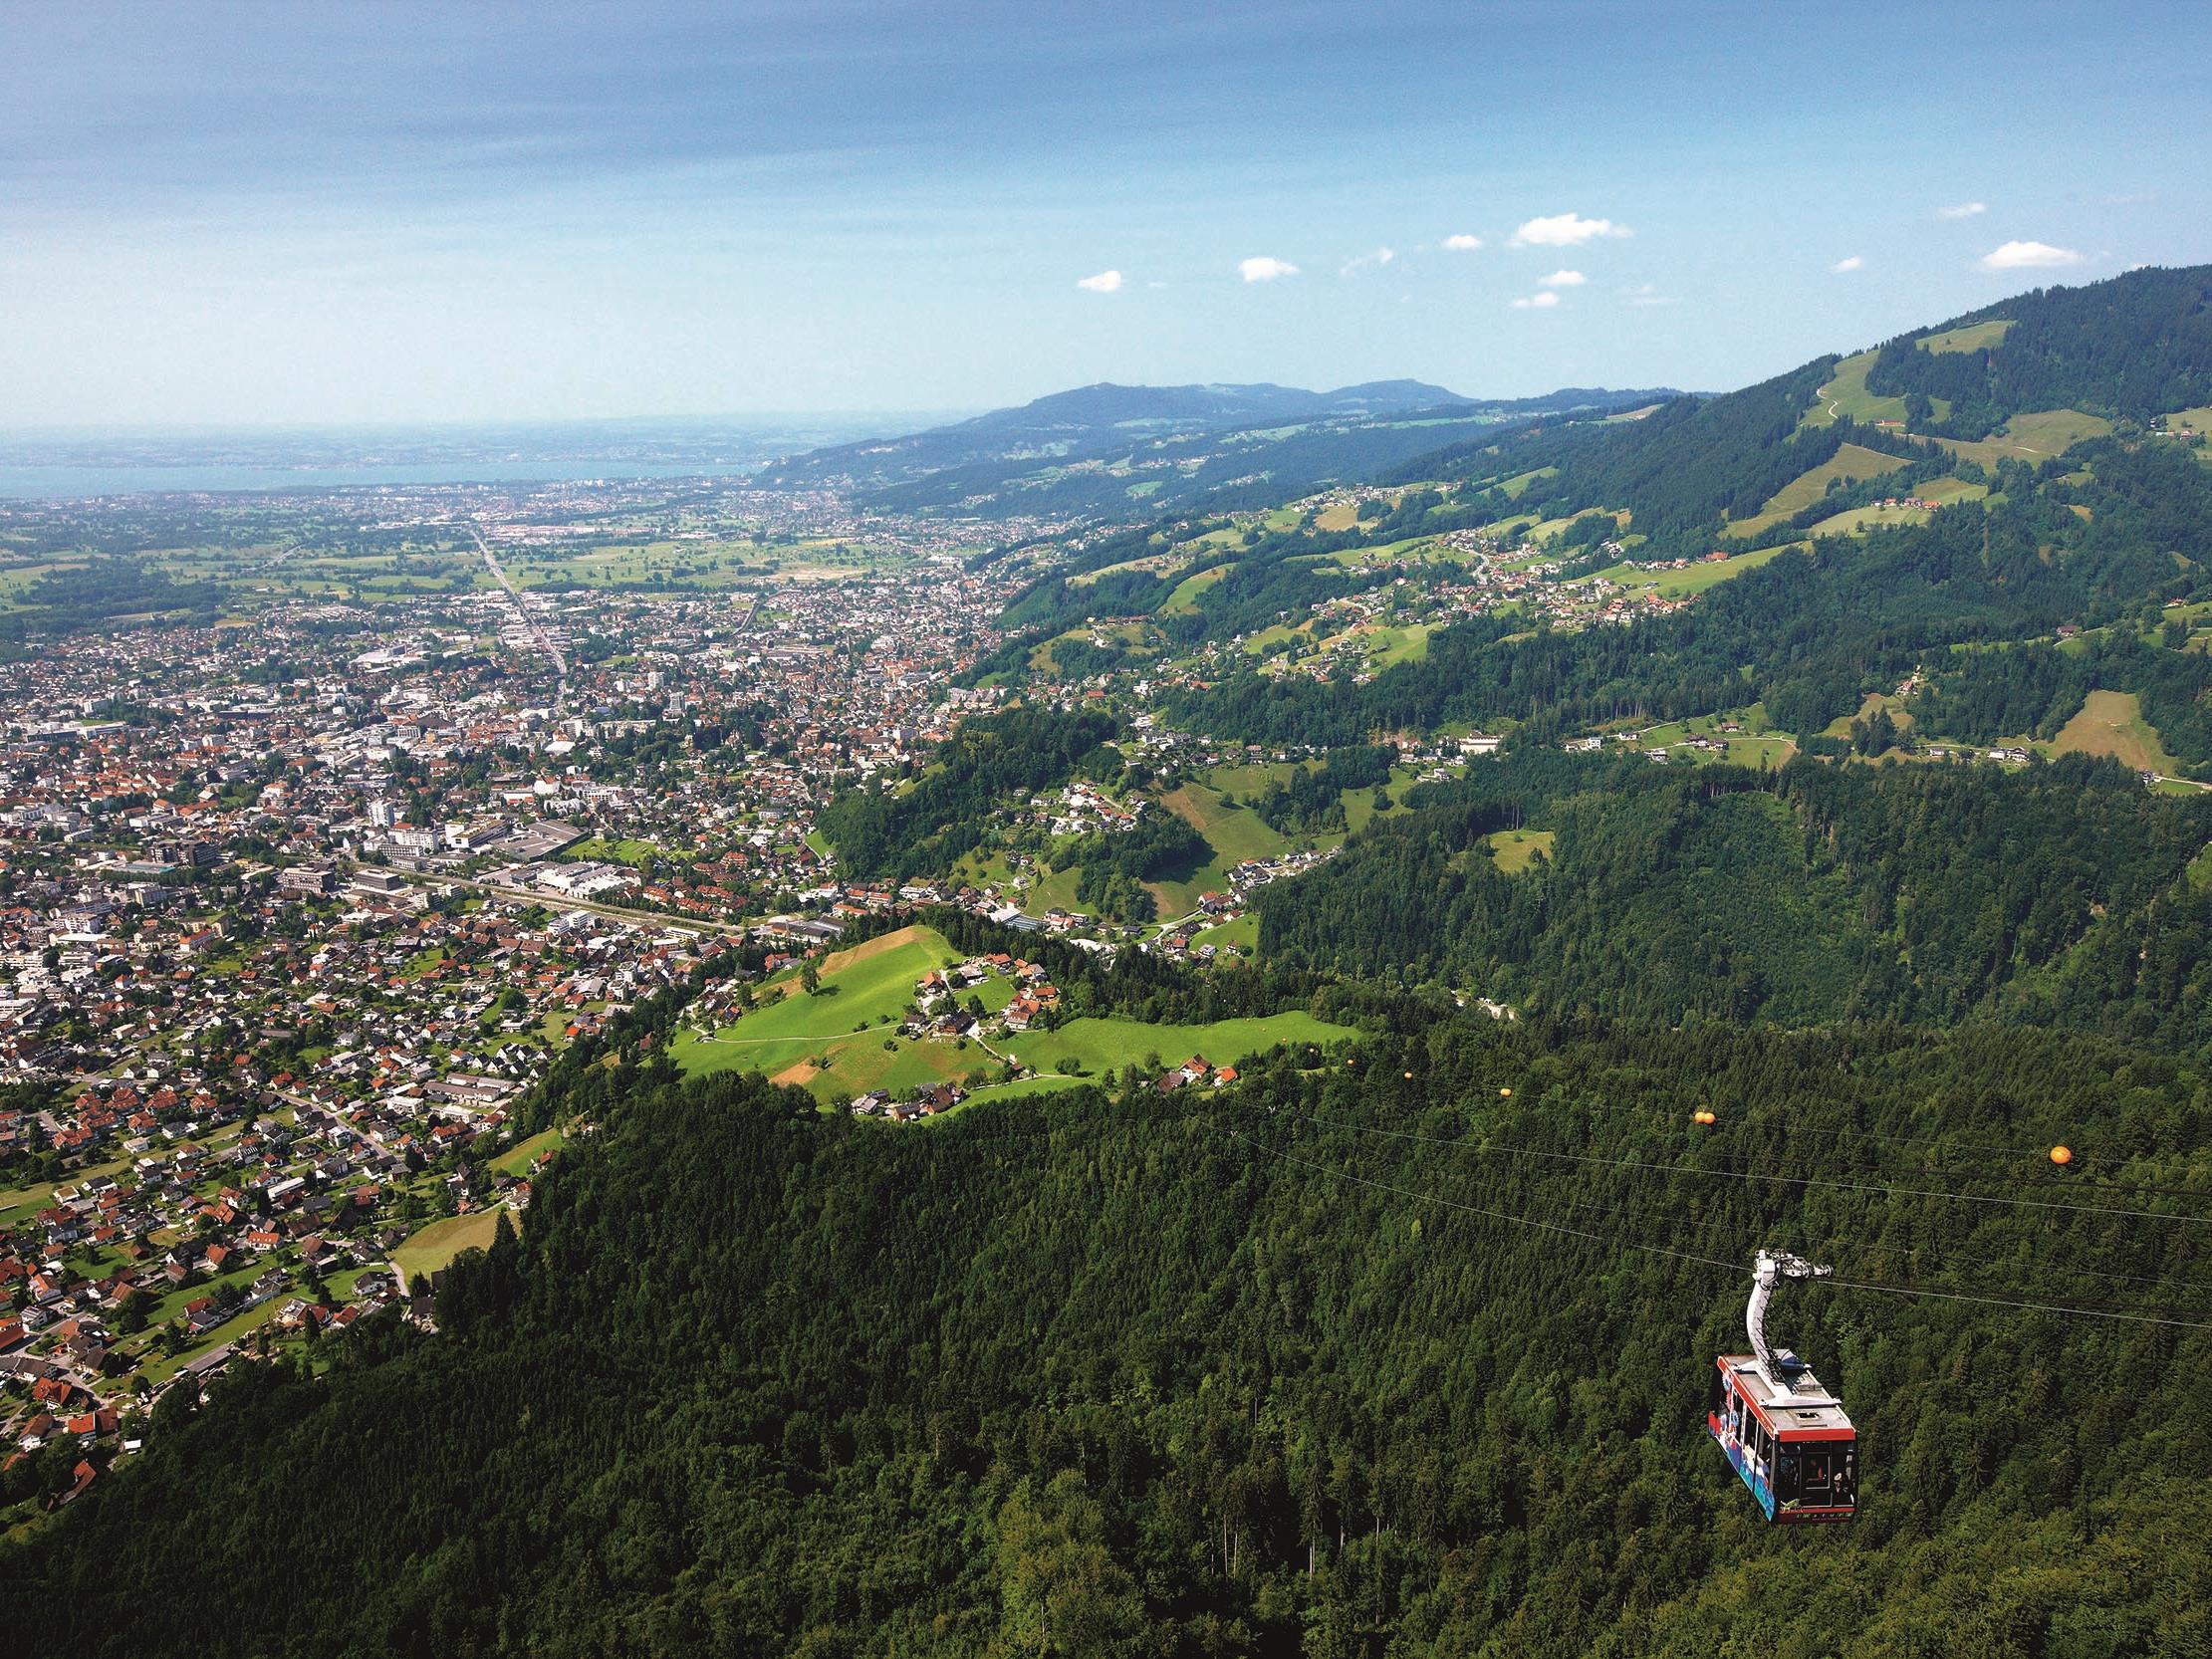 Als erstes Ausflugsziel in Vorarlberg wird der Dornbirner Hausberg ab März des kommenden Jahres über einen zwölf Meter langen Steg verfügen.